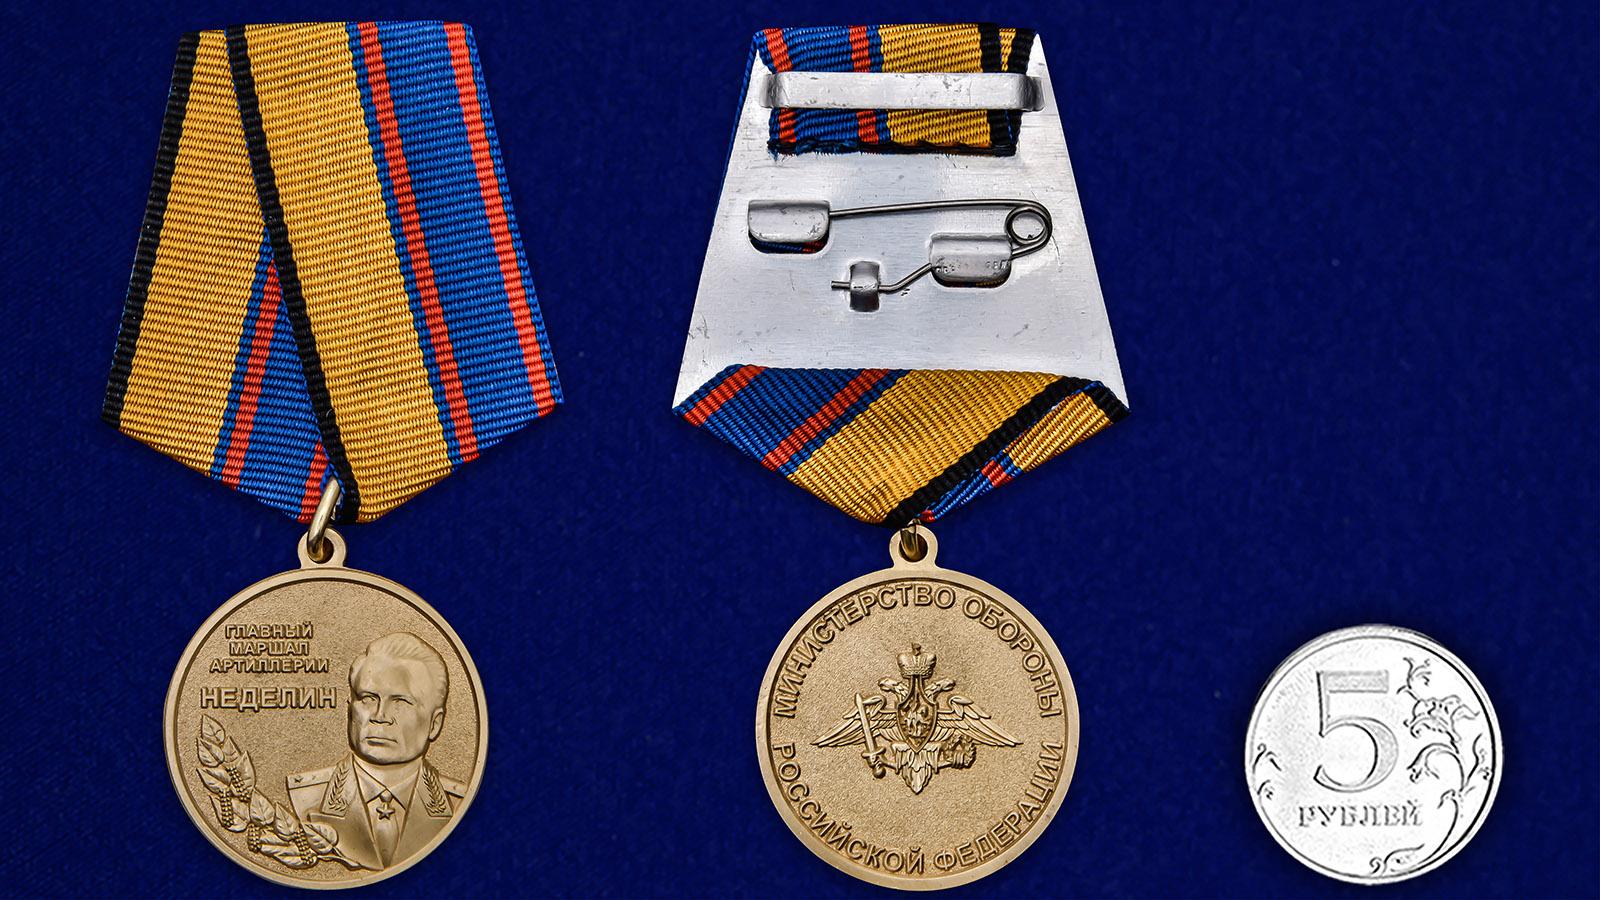 Памятная медаль Главный маршал артиллерии Неделин - сравнительный вид